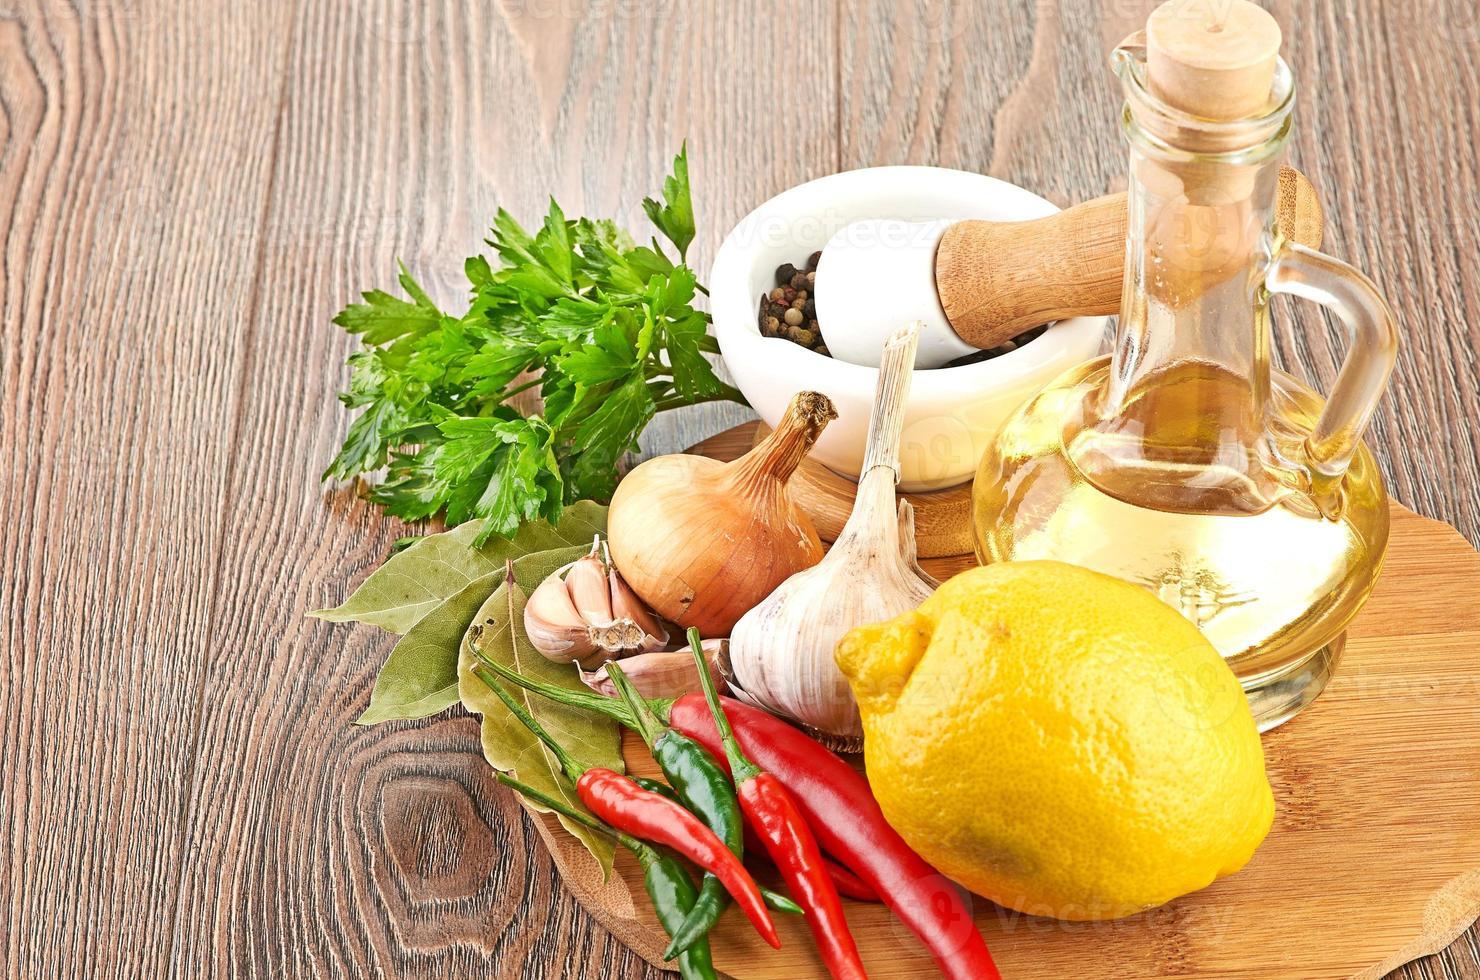 ingredientes frescos para cocinar con aceite de oliva foto